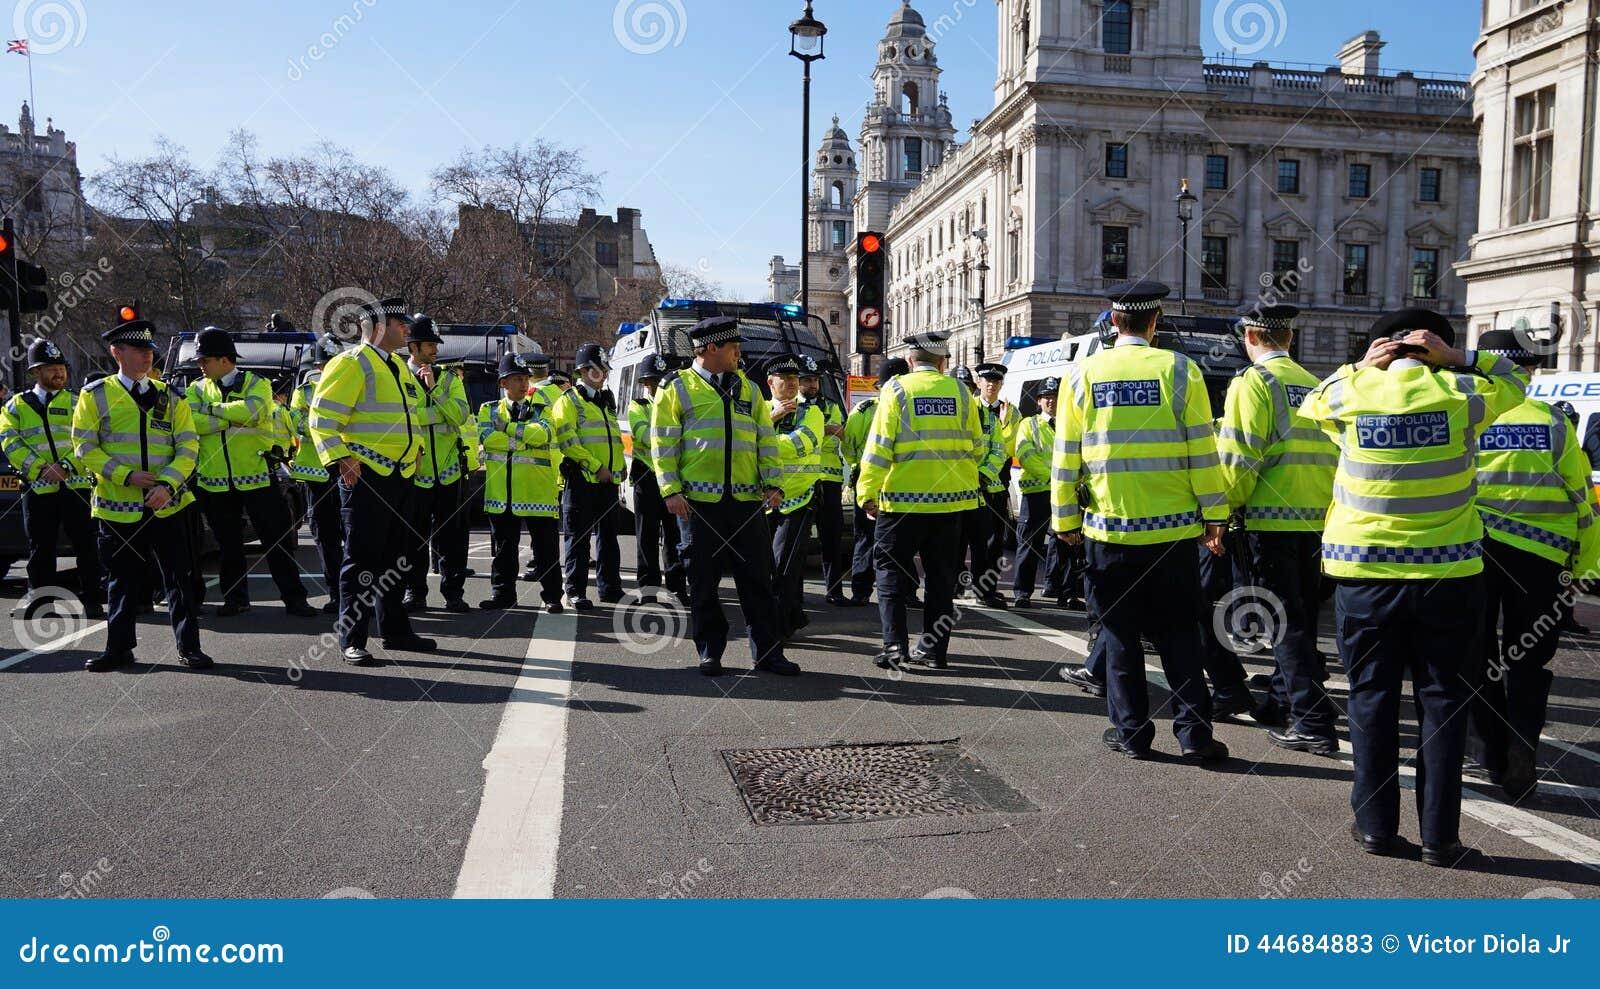 Bereitschaftspolizei in London, Vereinigtes Königreich, das eine Blockade bildet